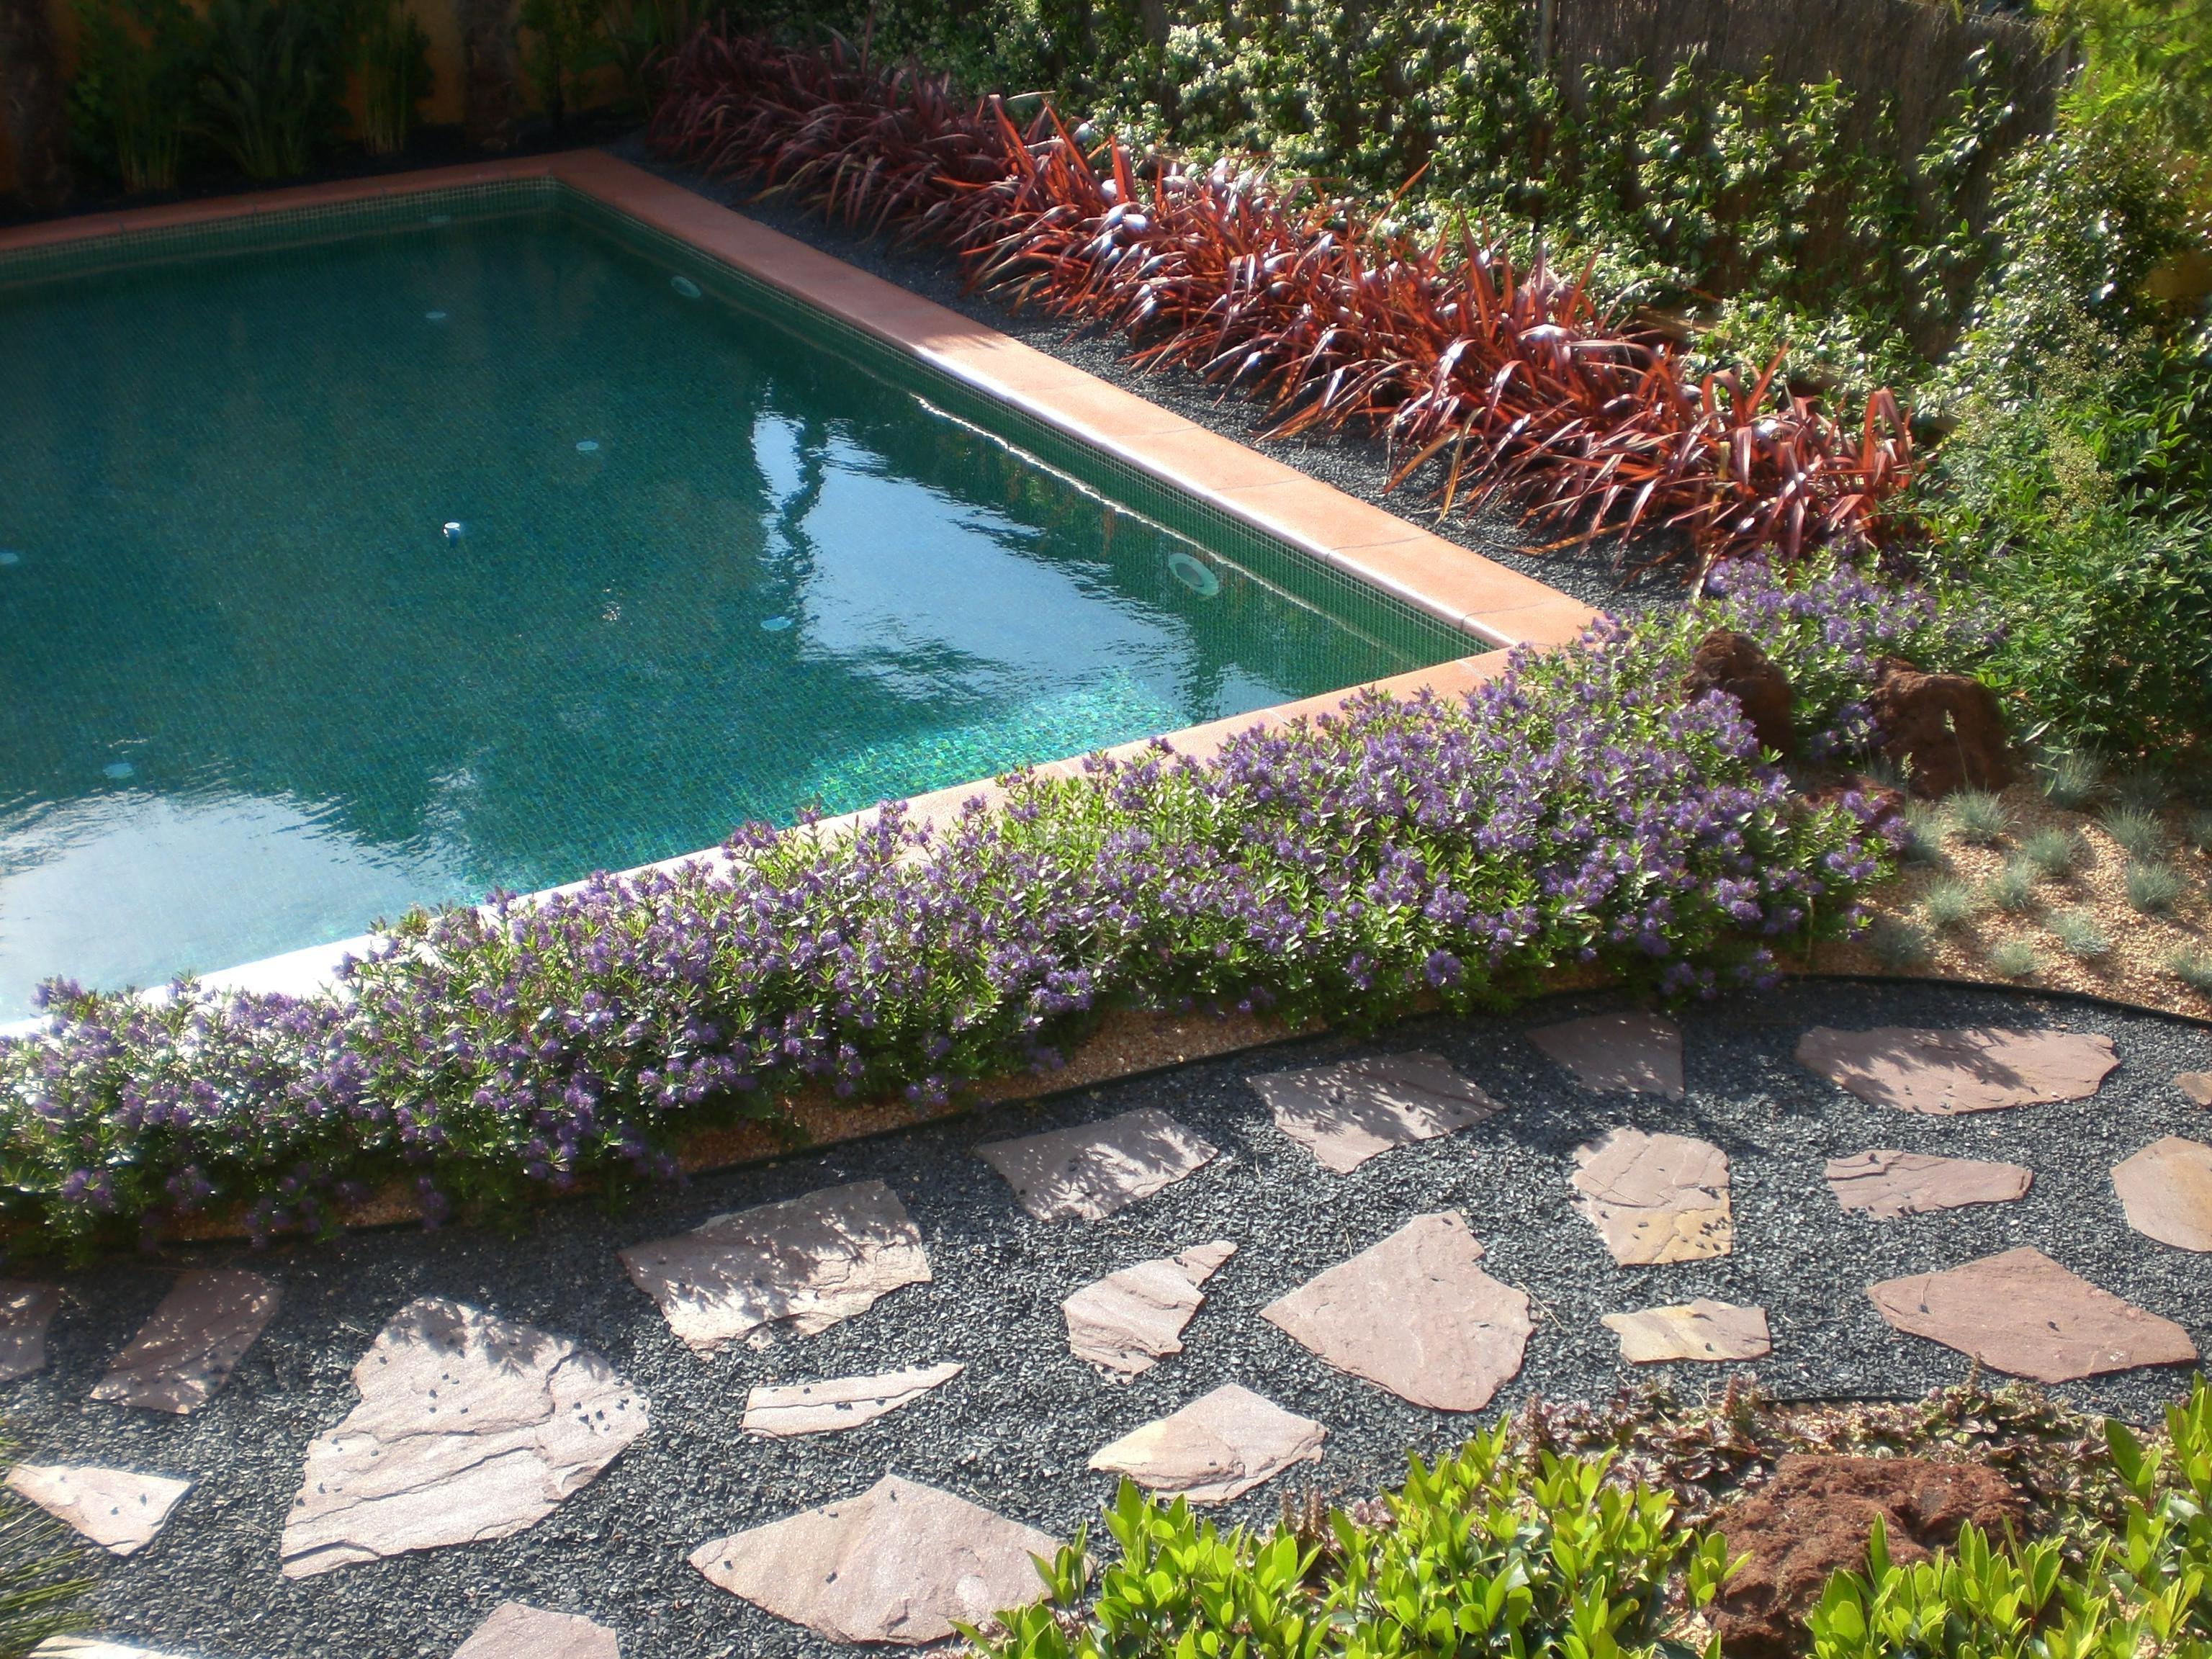 Jardiner a y paisajismo pisciman a for Jardineria y paisajismo